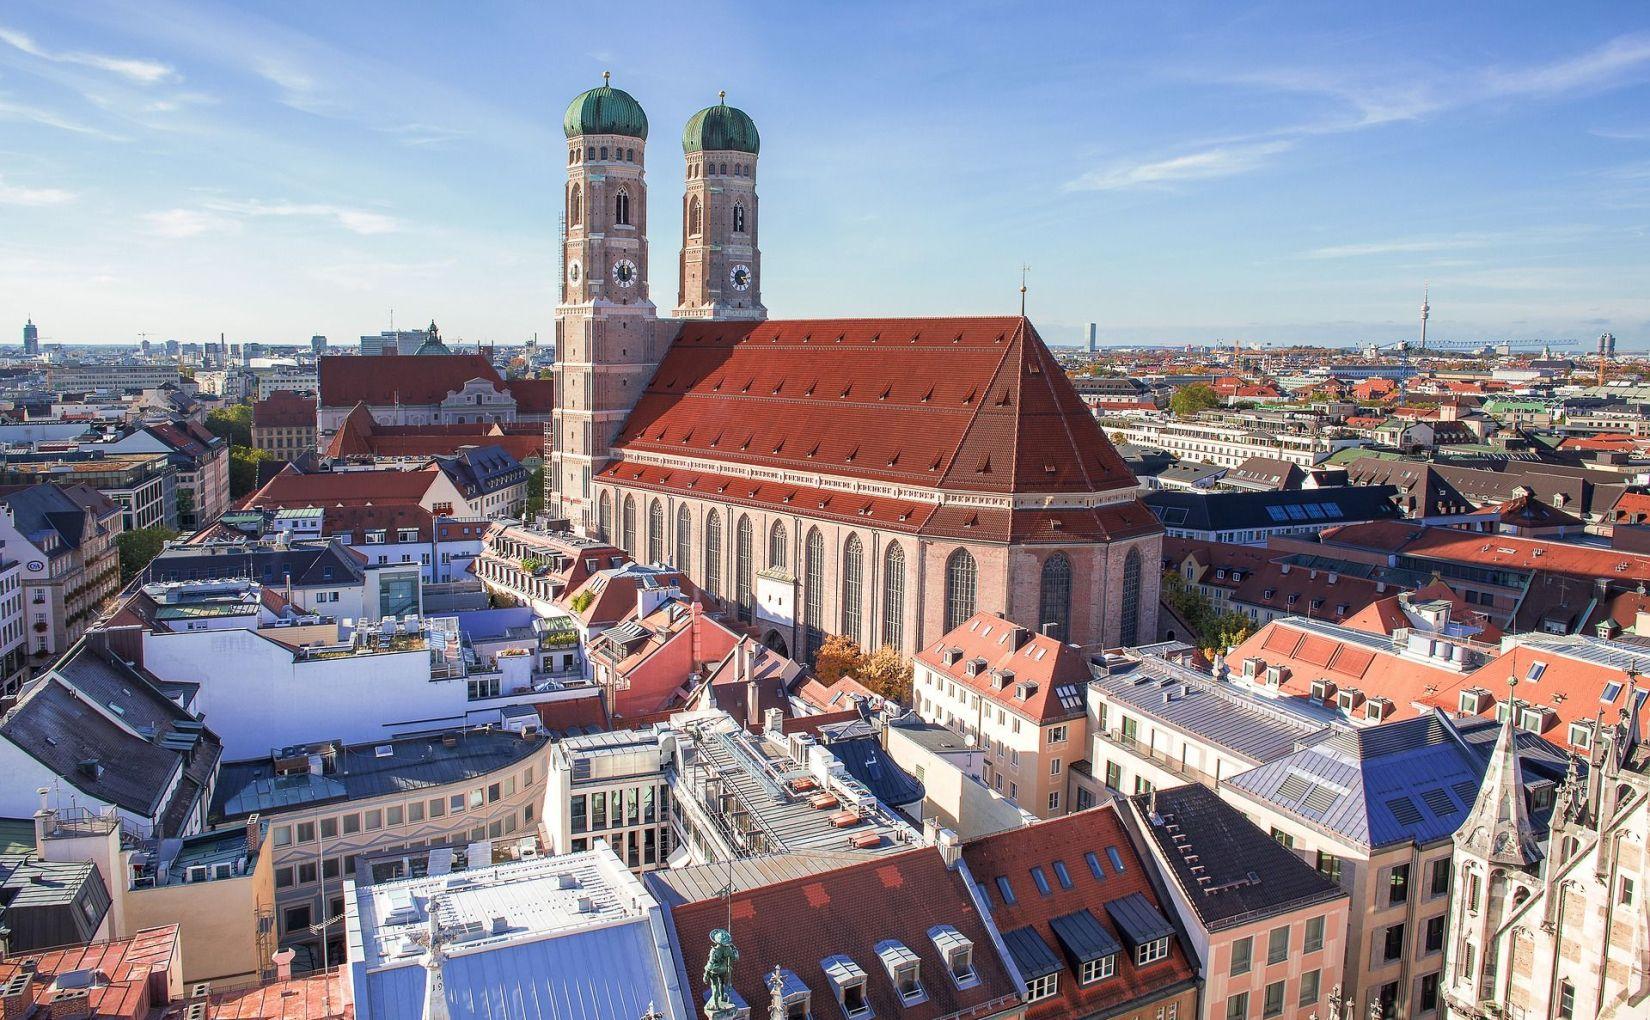 Münchner Dom und Baustelle